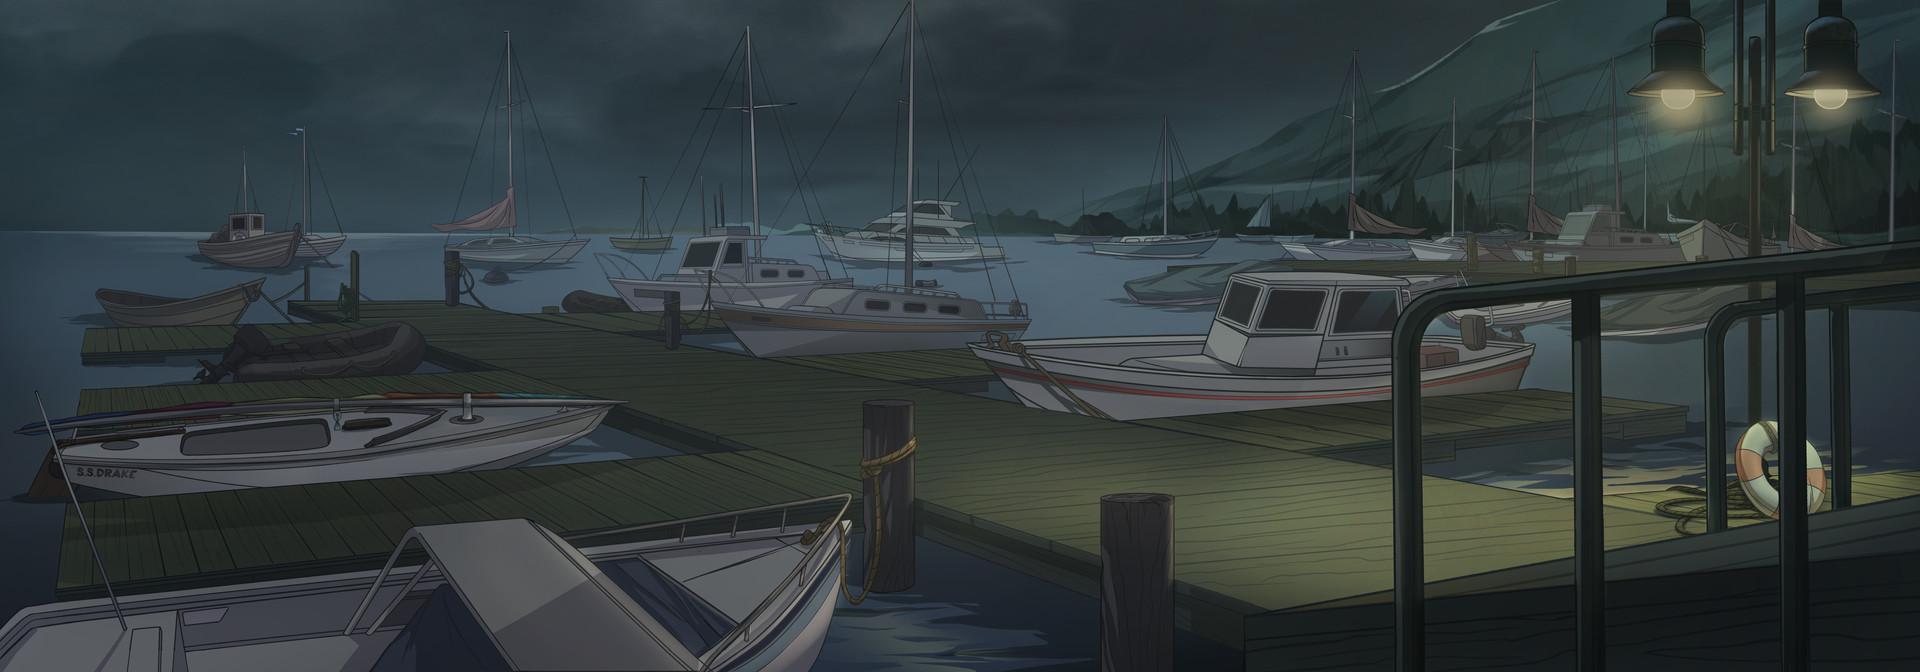 EV_101_BG_EXT_CarrowayHarbor_Dock_Day_KE